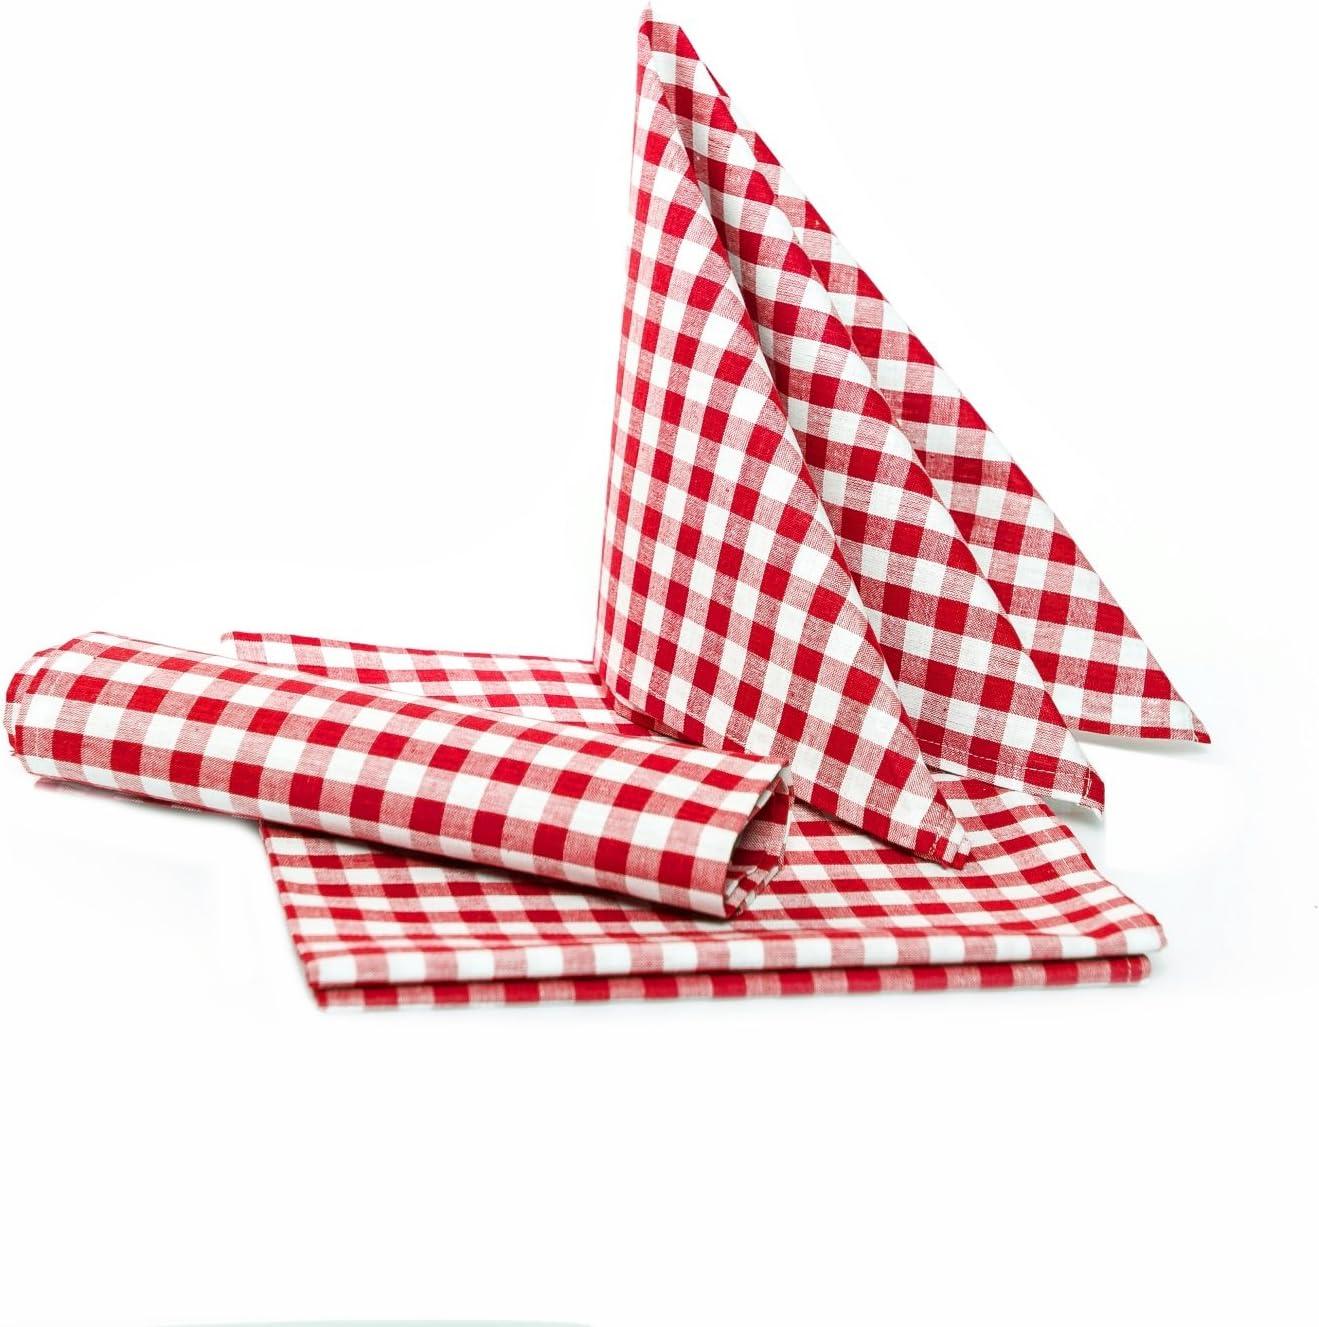 Tejido ldep OT24rústico Manteles en cuadros–Color y Tamaño a Elegir–100% algodón, algodón, rojo y blanco a cuadros, 40x40 cm - 6 Stück